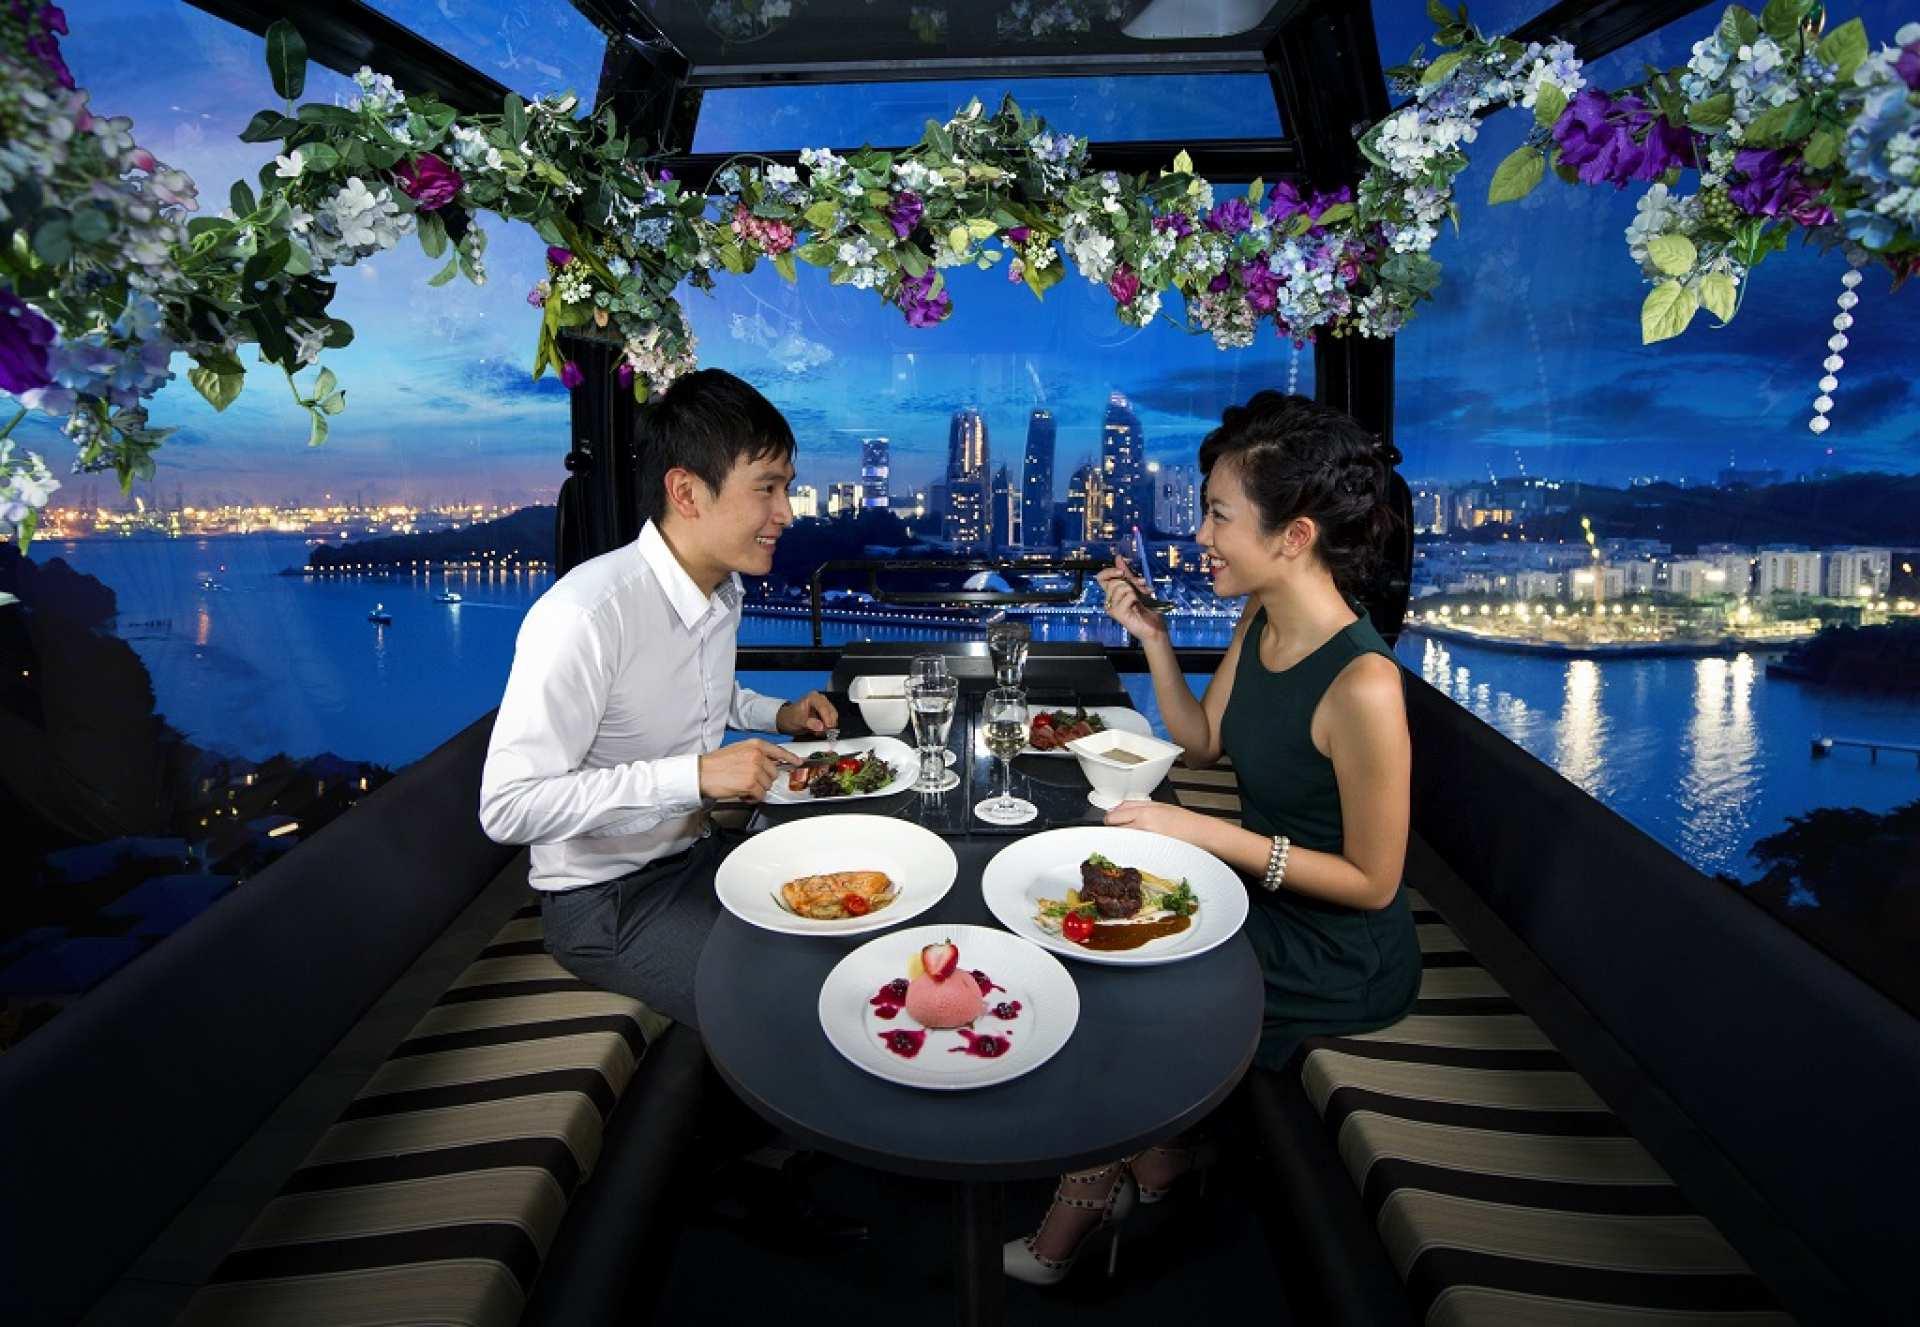 【星光下的空中晚宴】花柏山纜車高空晚餐